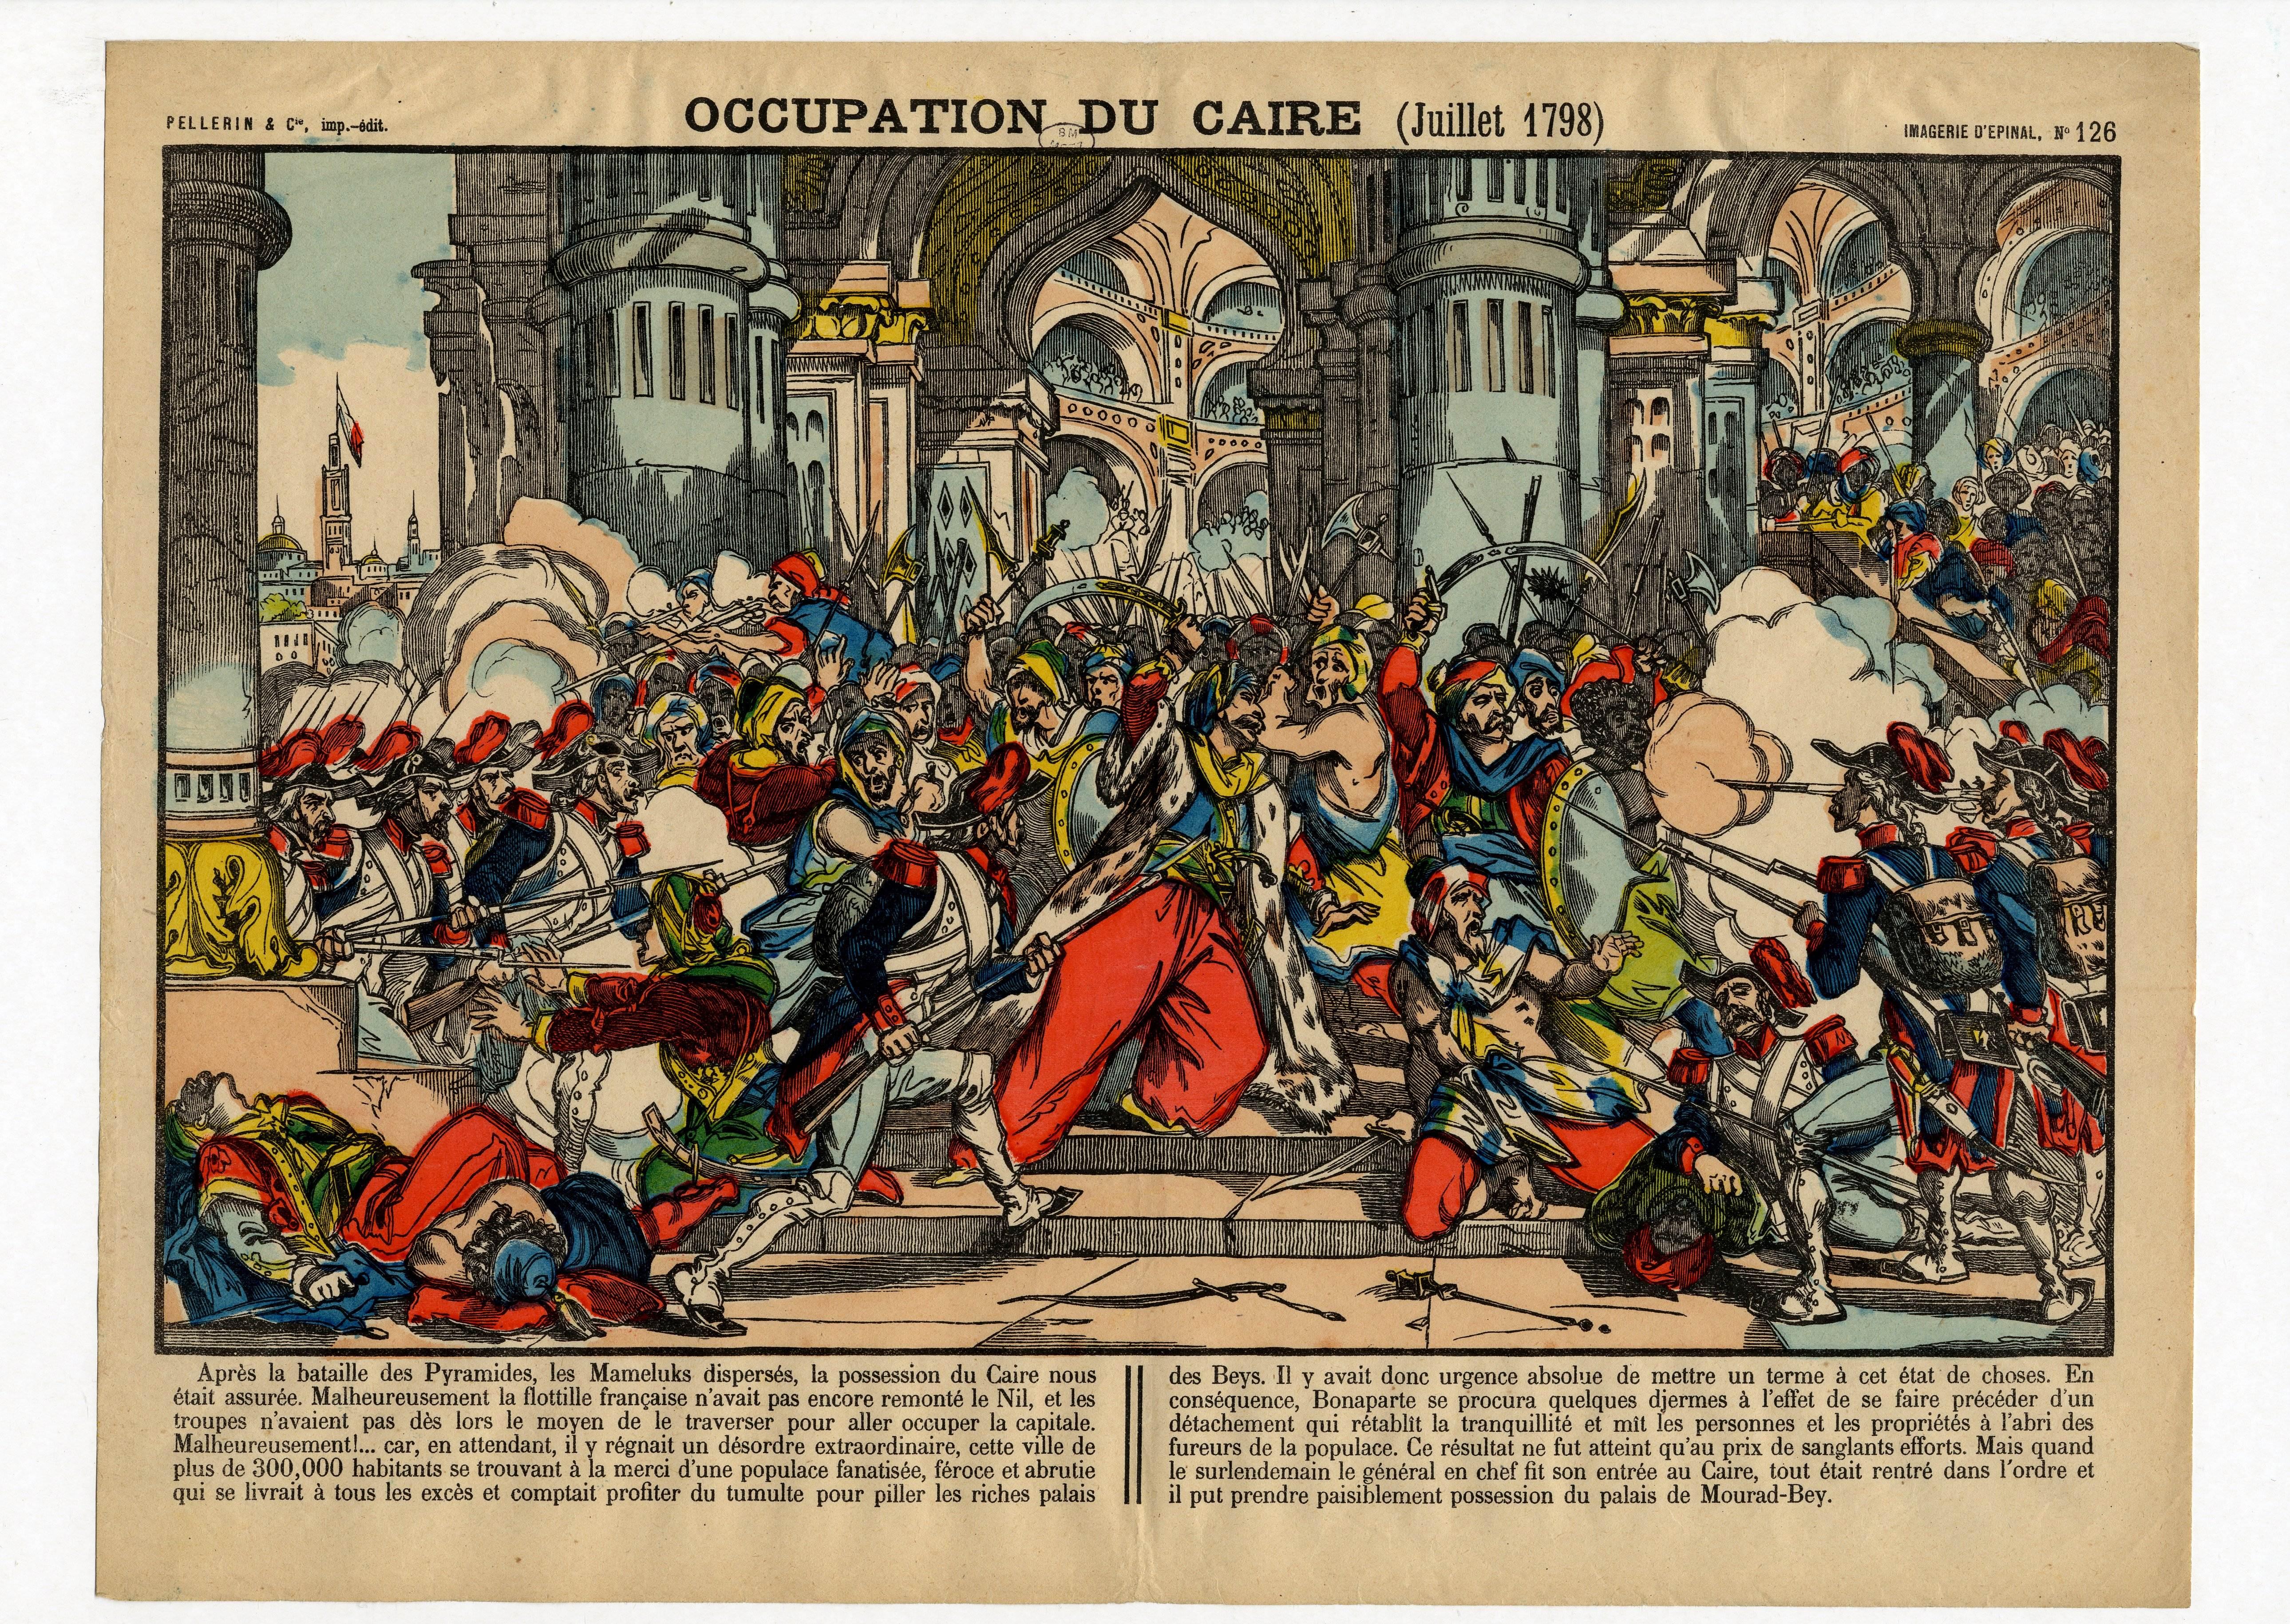 Contenu du Occupation du Caire (juillet 1798)